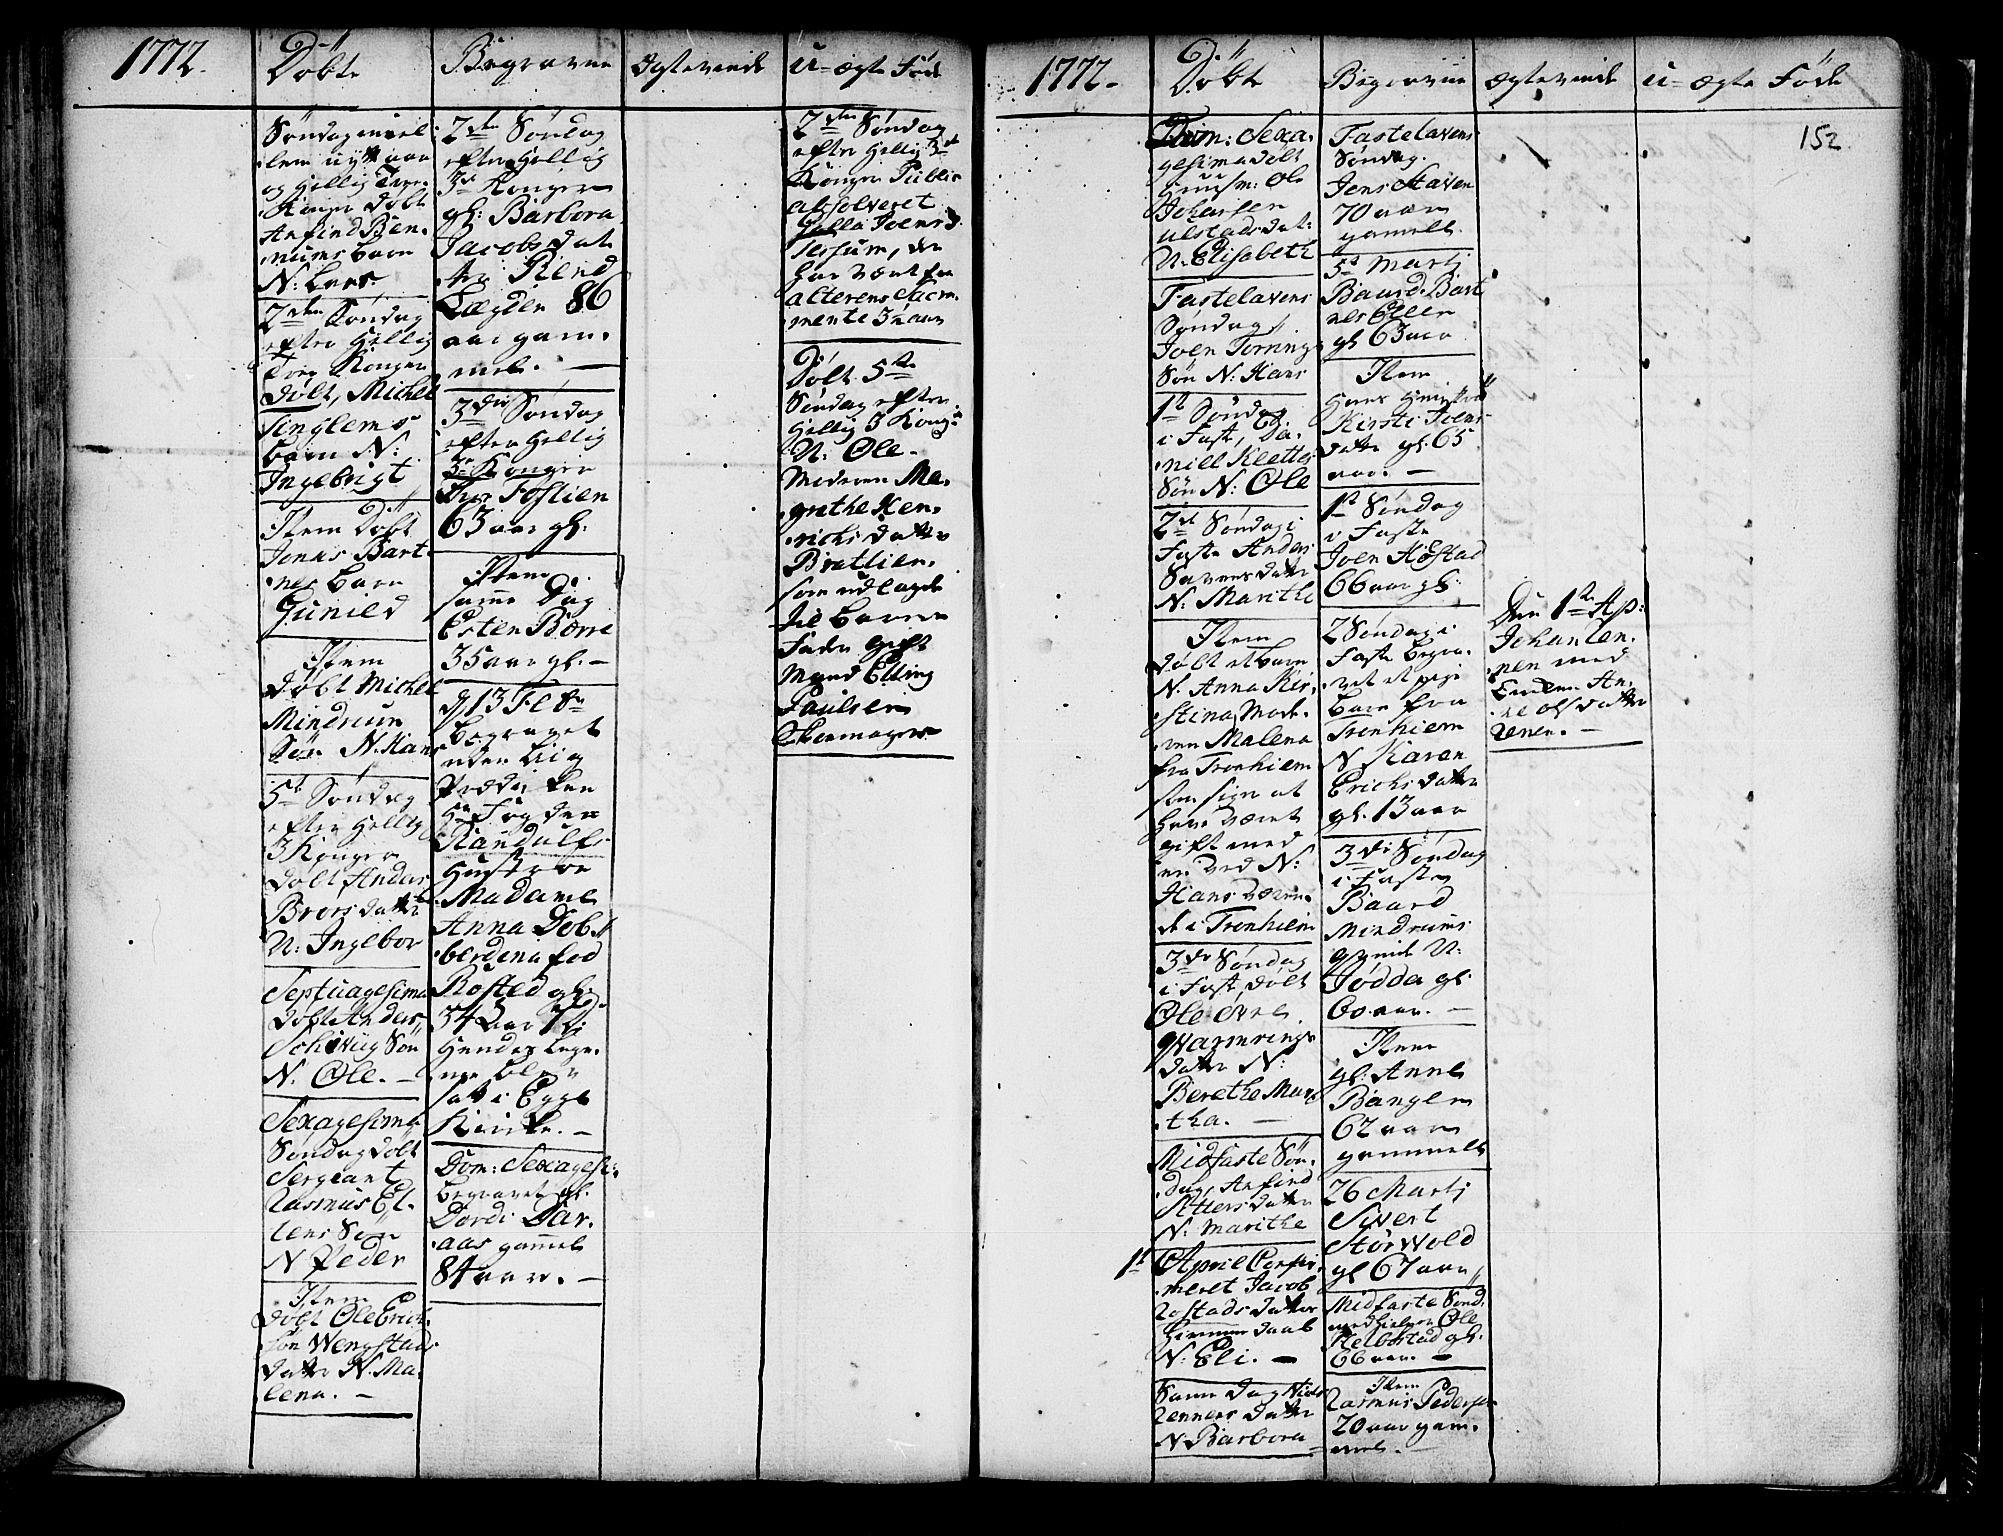 SAT, Ministerialprotokoller, klokkerbøker og fødselsregistre - Nord-Trøndelag, 741/L0385: Ministerialbok nr. 741A01, 1722-1815, s. 152